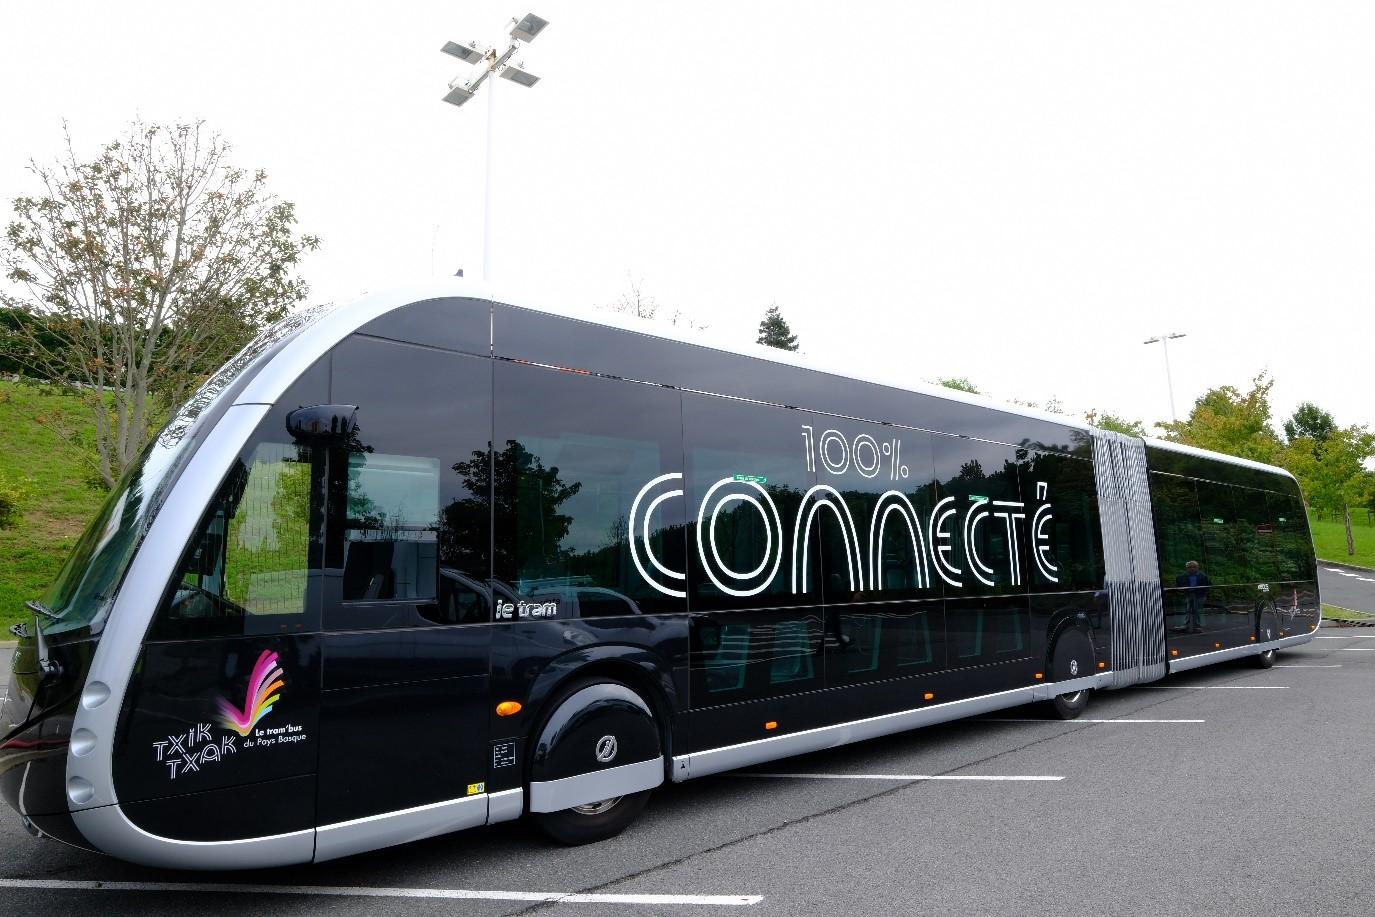 L'un des trambus 100% électriques circulant à Biarritz et dans les communes voisines